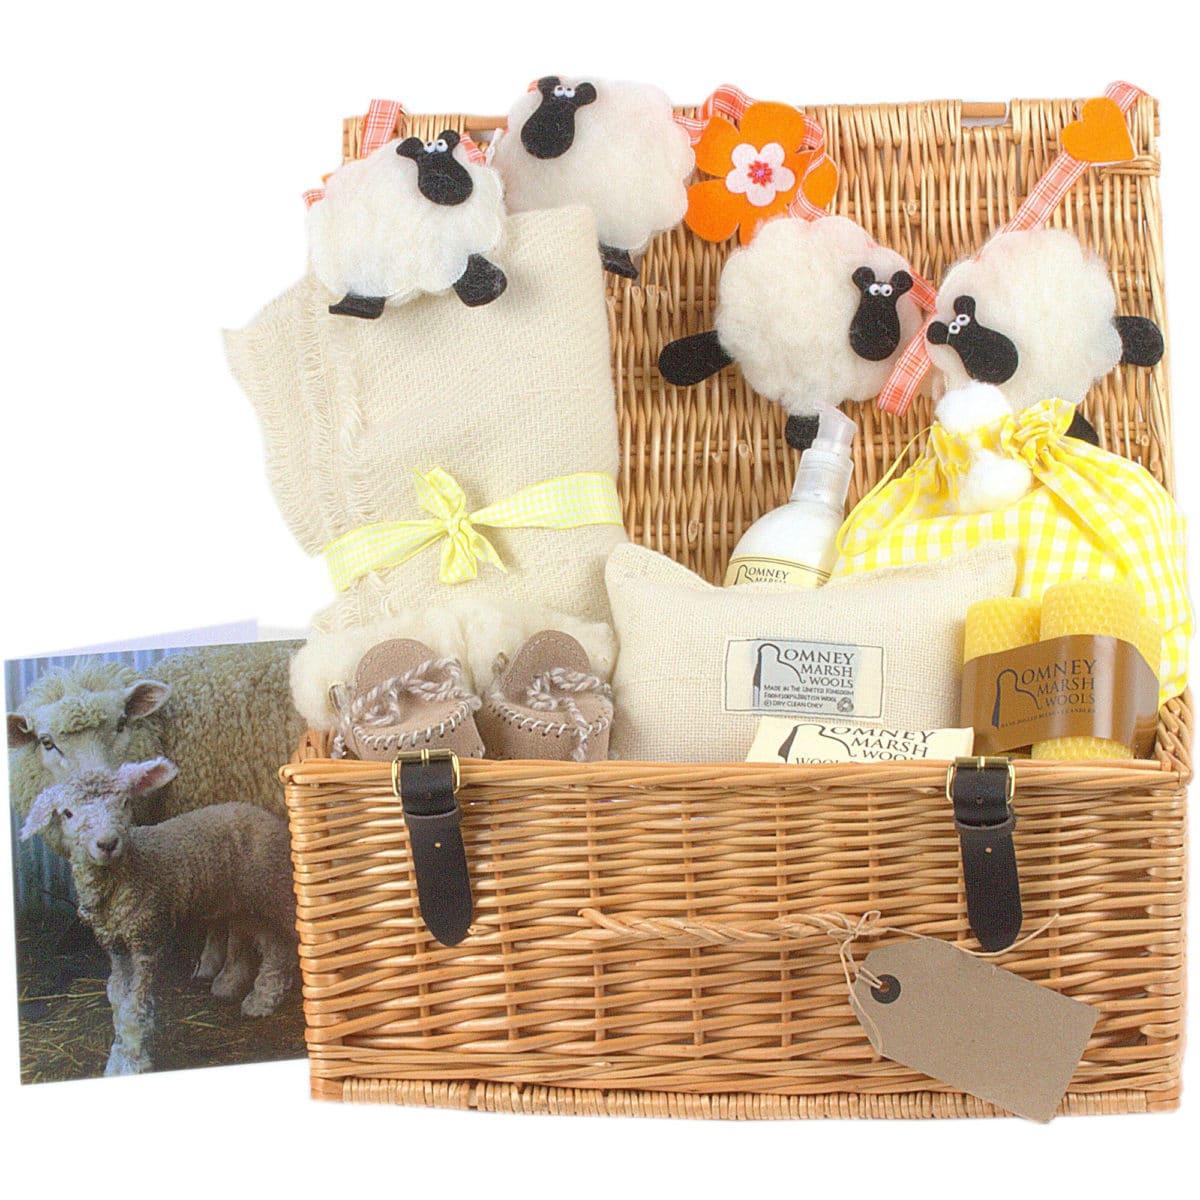 Romney Marsh New Baby Gift Hamper